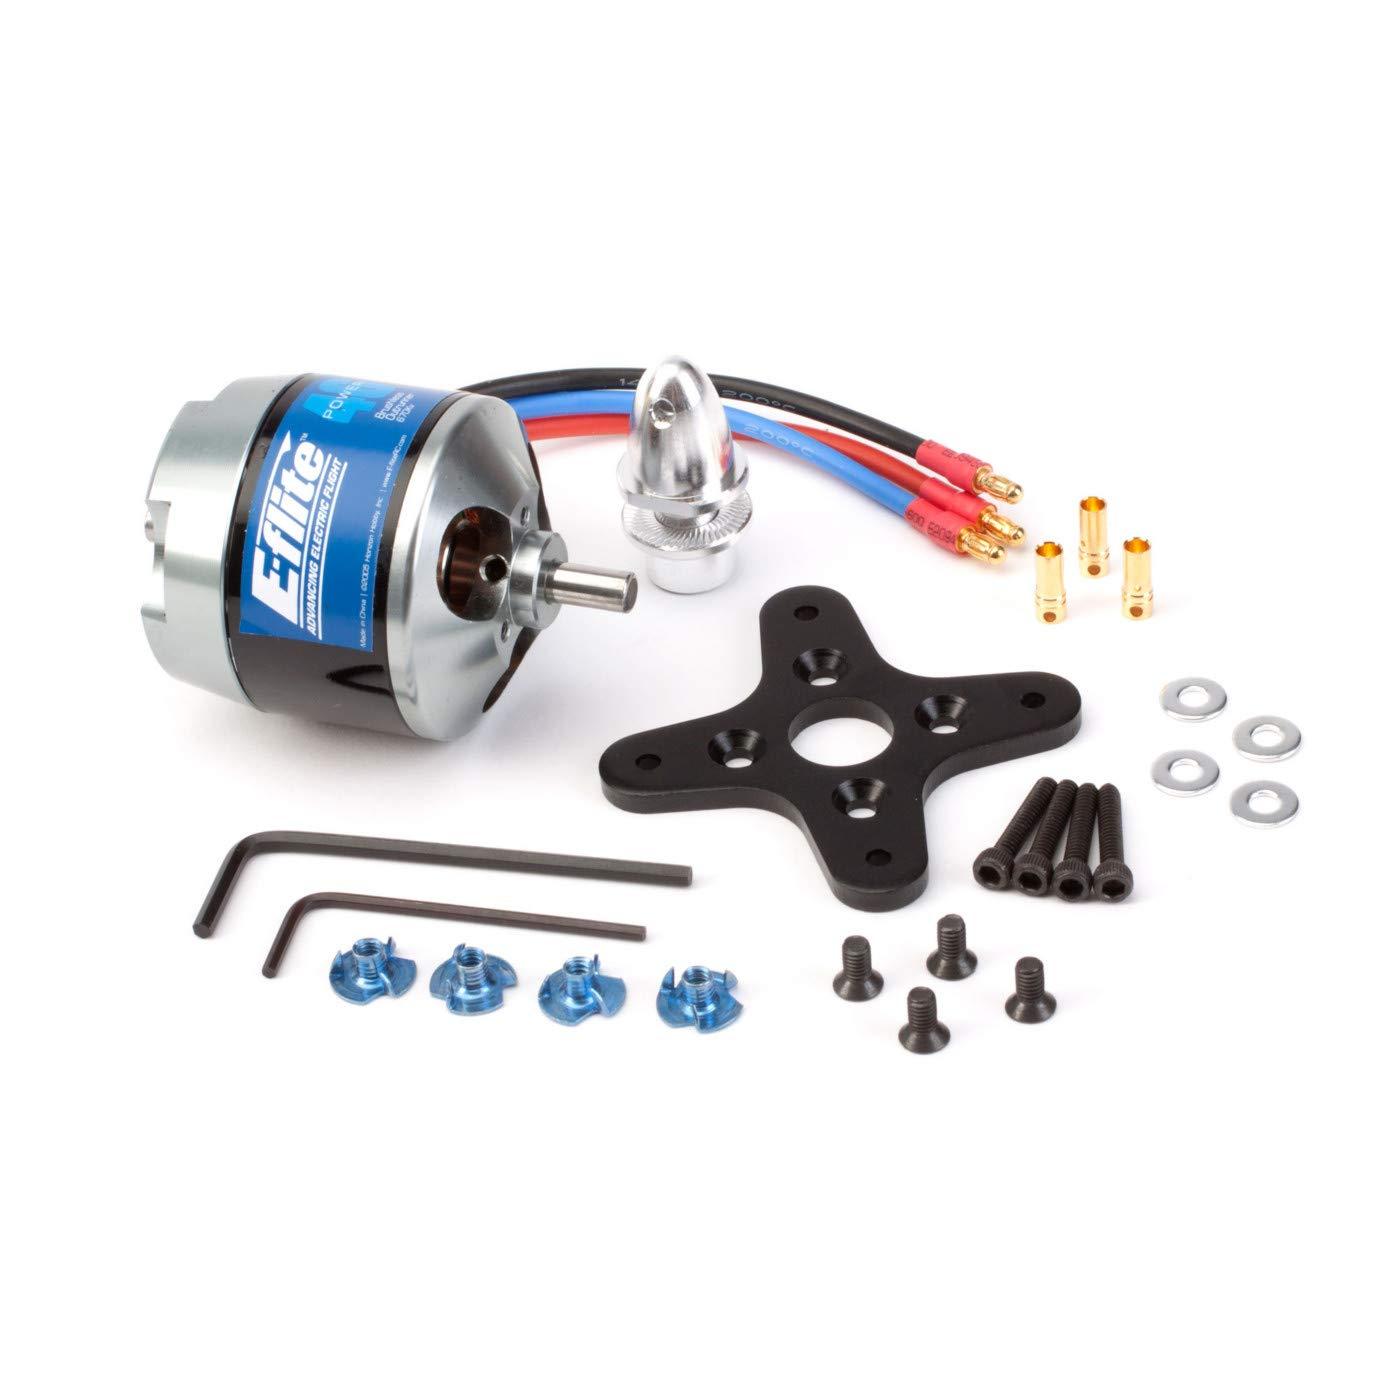 E-flite Power 46 Brushless Outrunner Motor, 670Kv: 3.5mm Bul